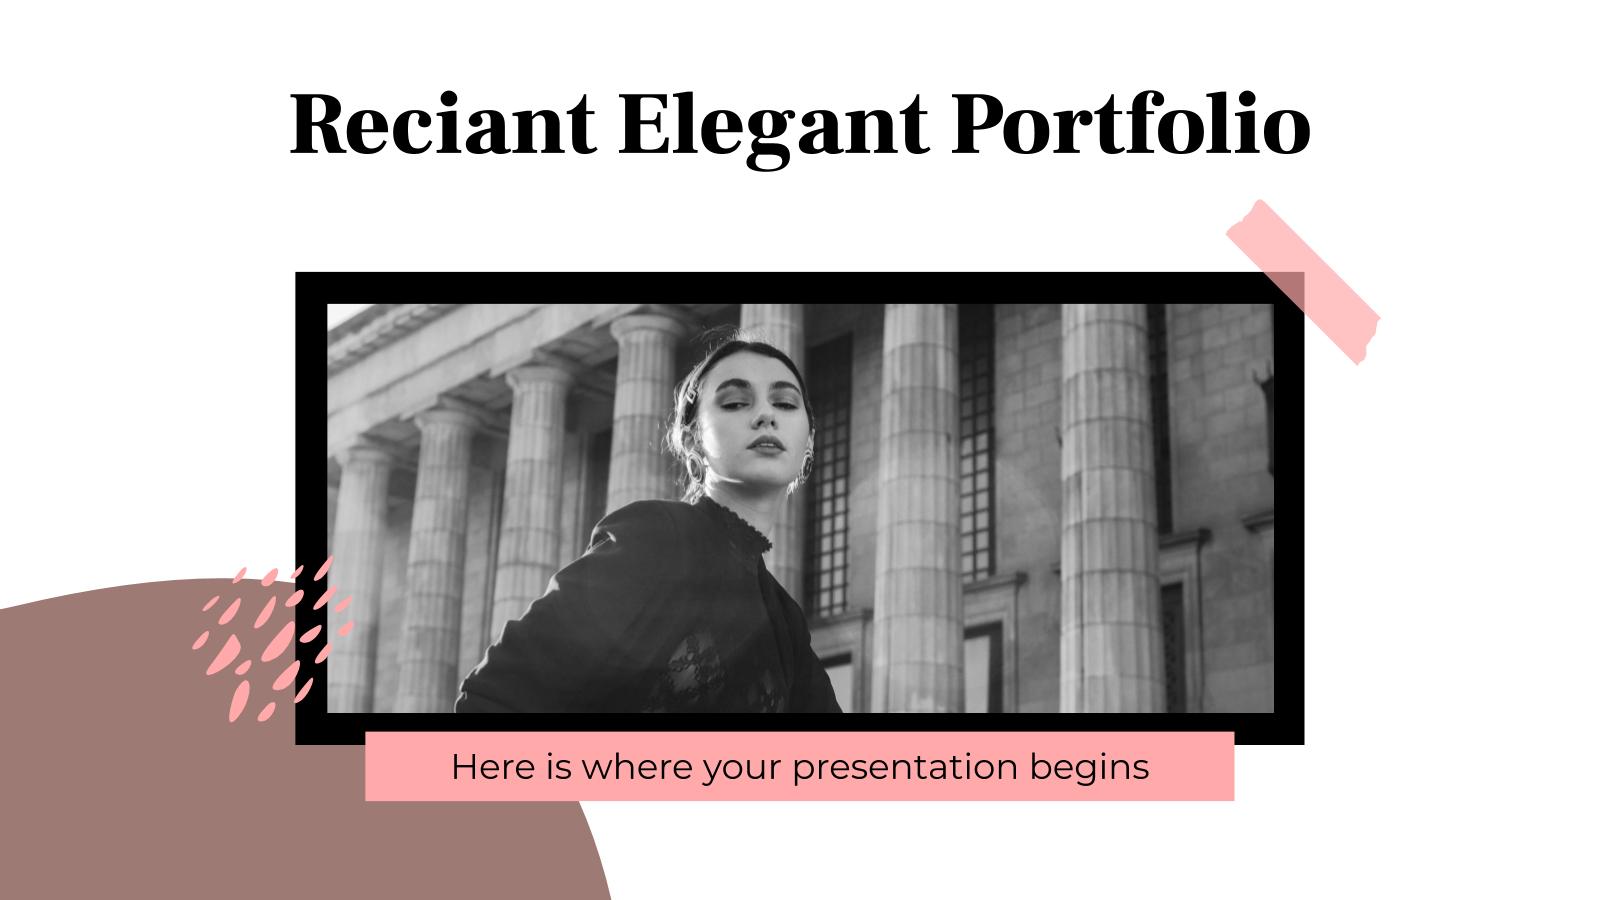 Plantilla de presentación Portafolio elegante Reciant